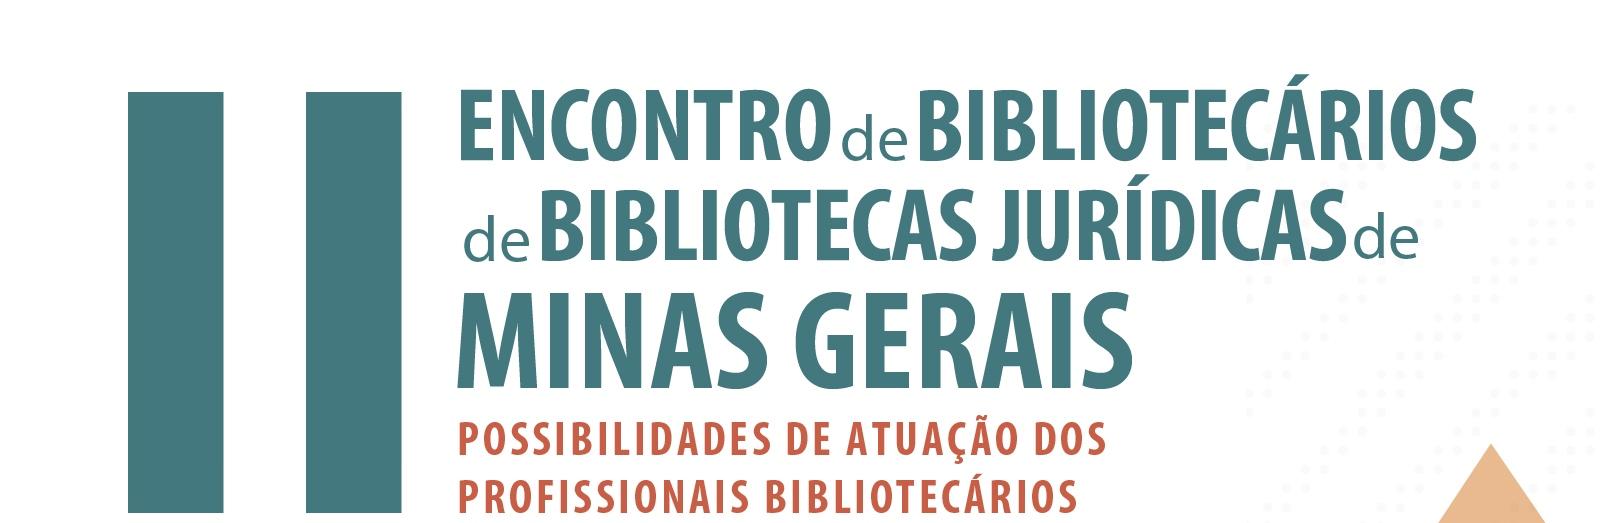 II Encontro de Bibliotecários de Bibliotecas Jurídicas do Estado de Minas Gerais: possibilidades de atuação dos profissionais bibliotecários